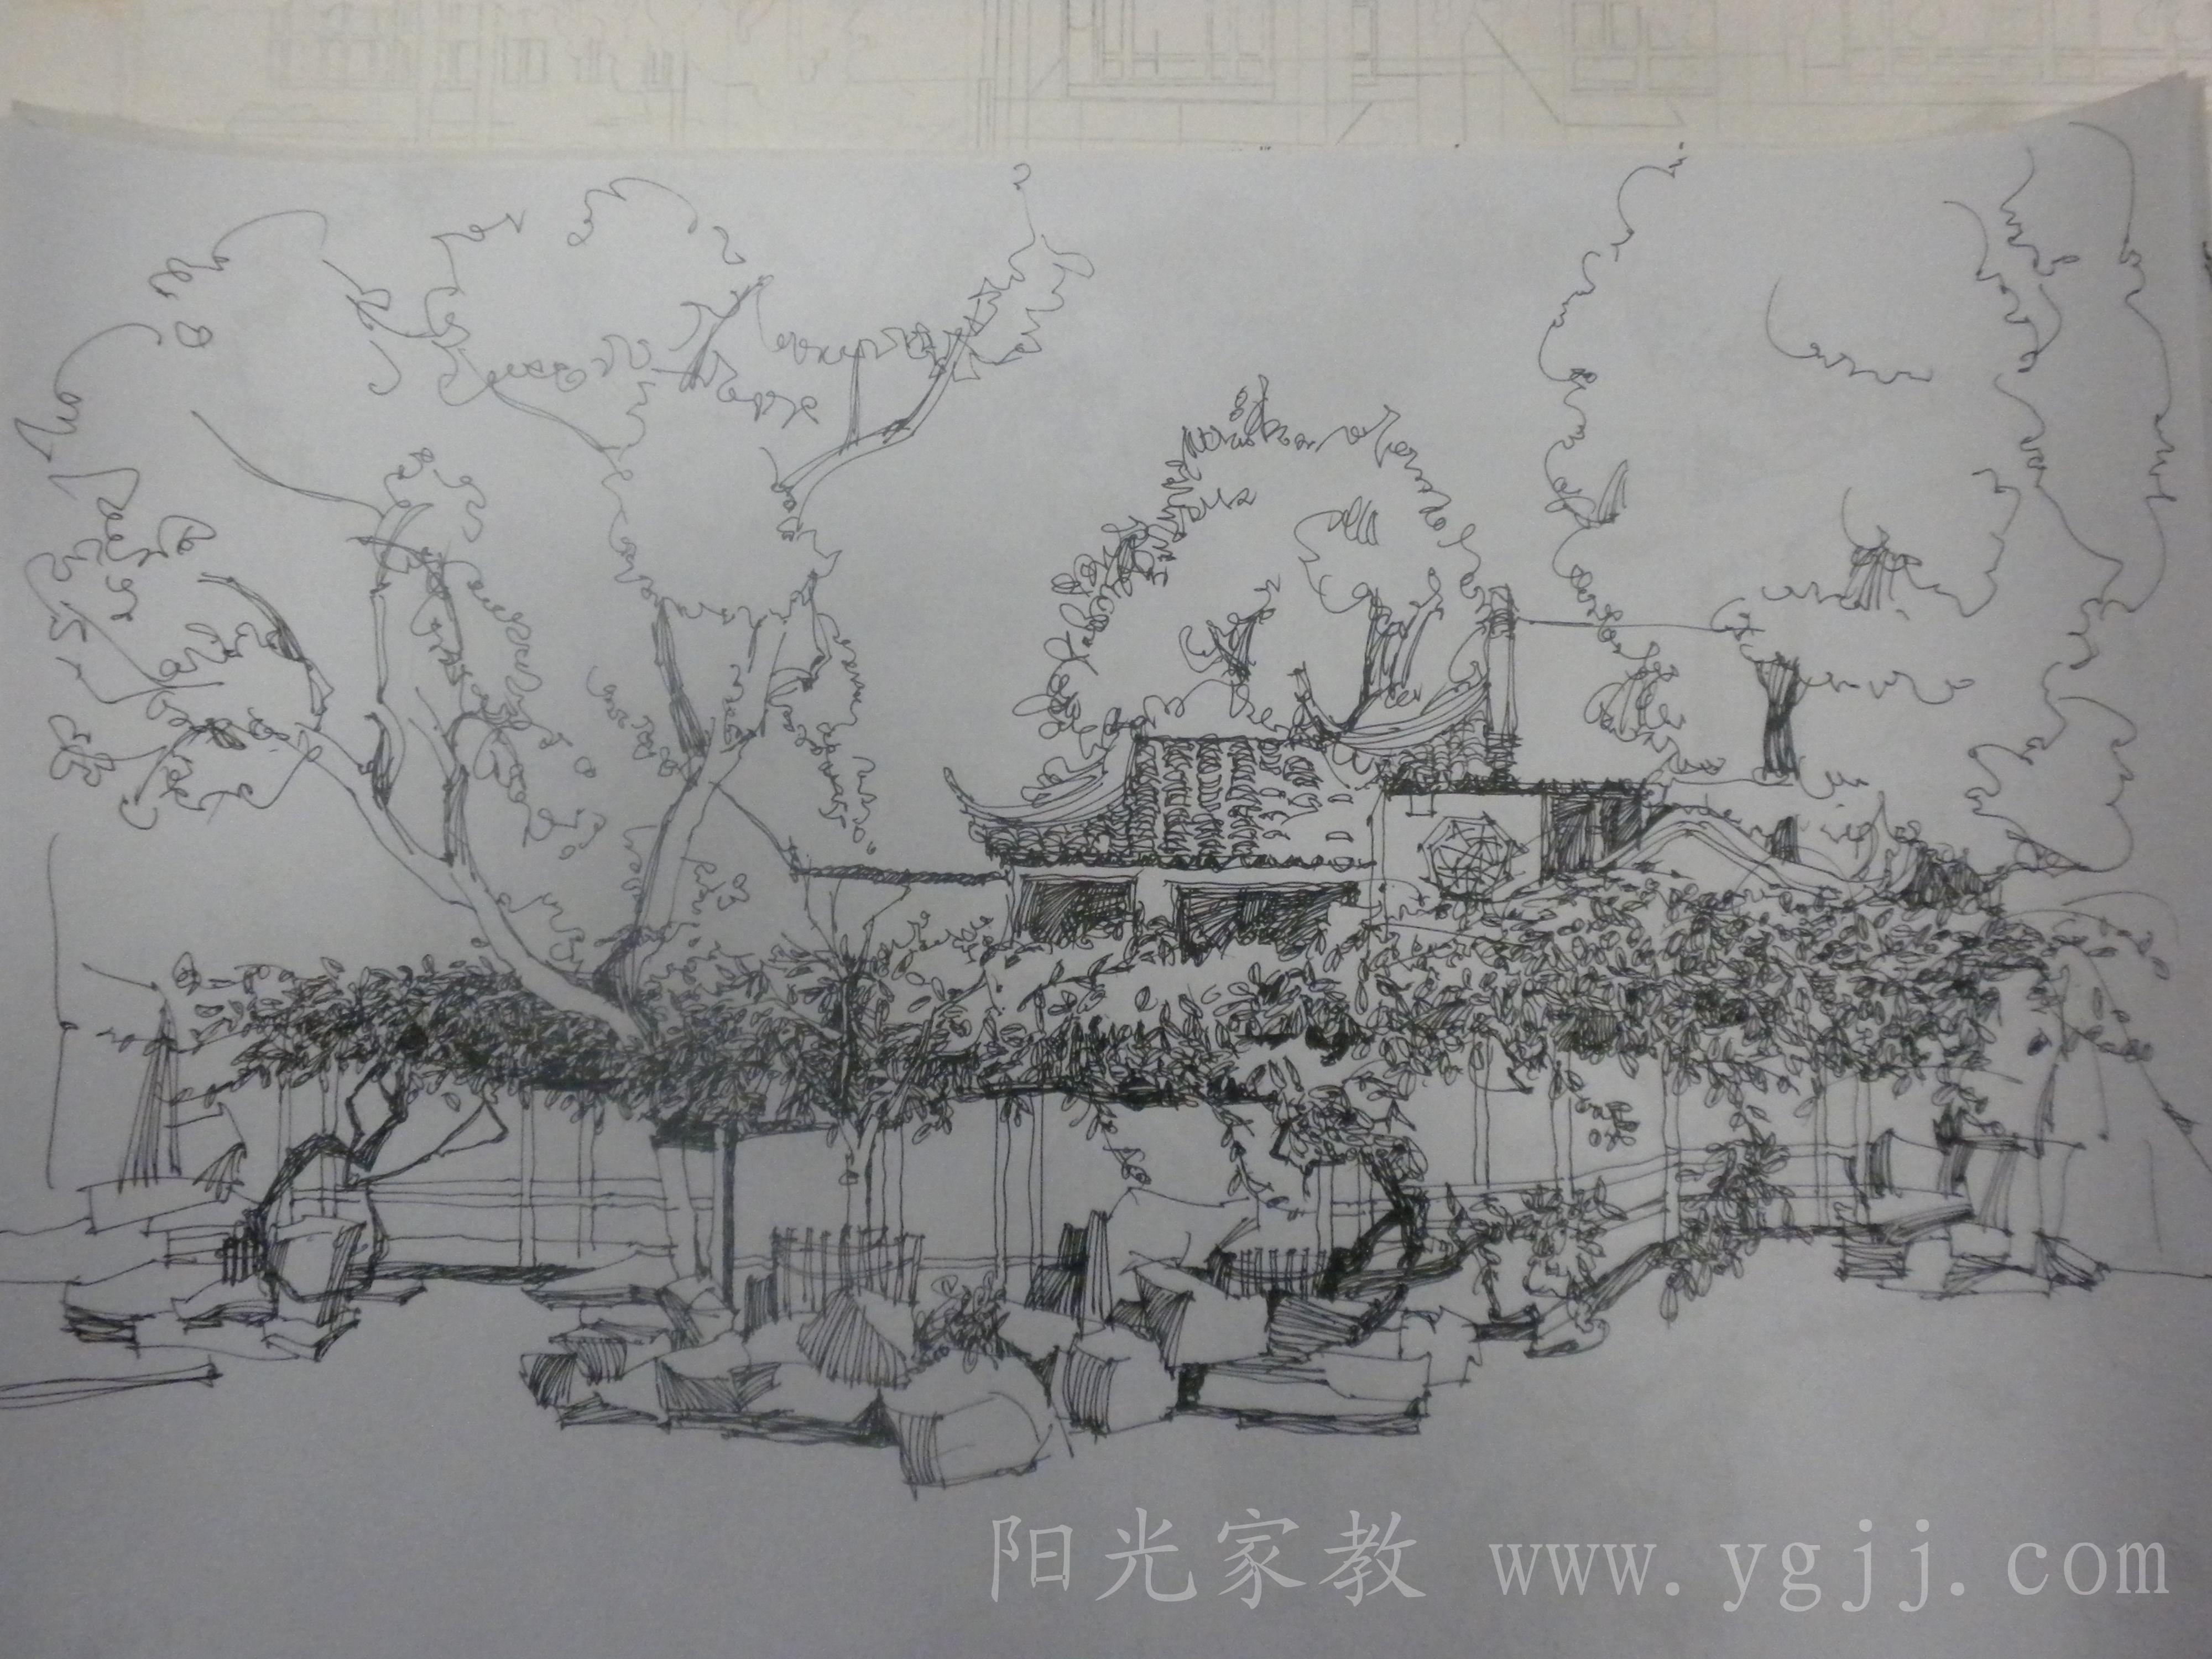 中国美术学院家教-沈教员-杭州市第七中学【阳光家教图片